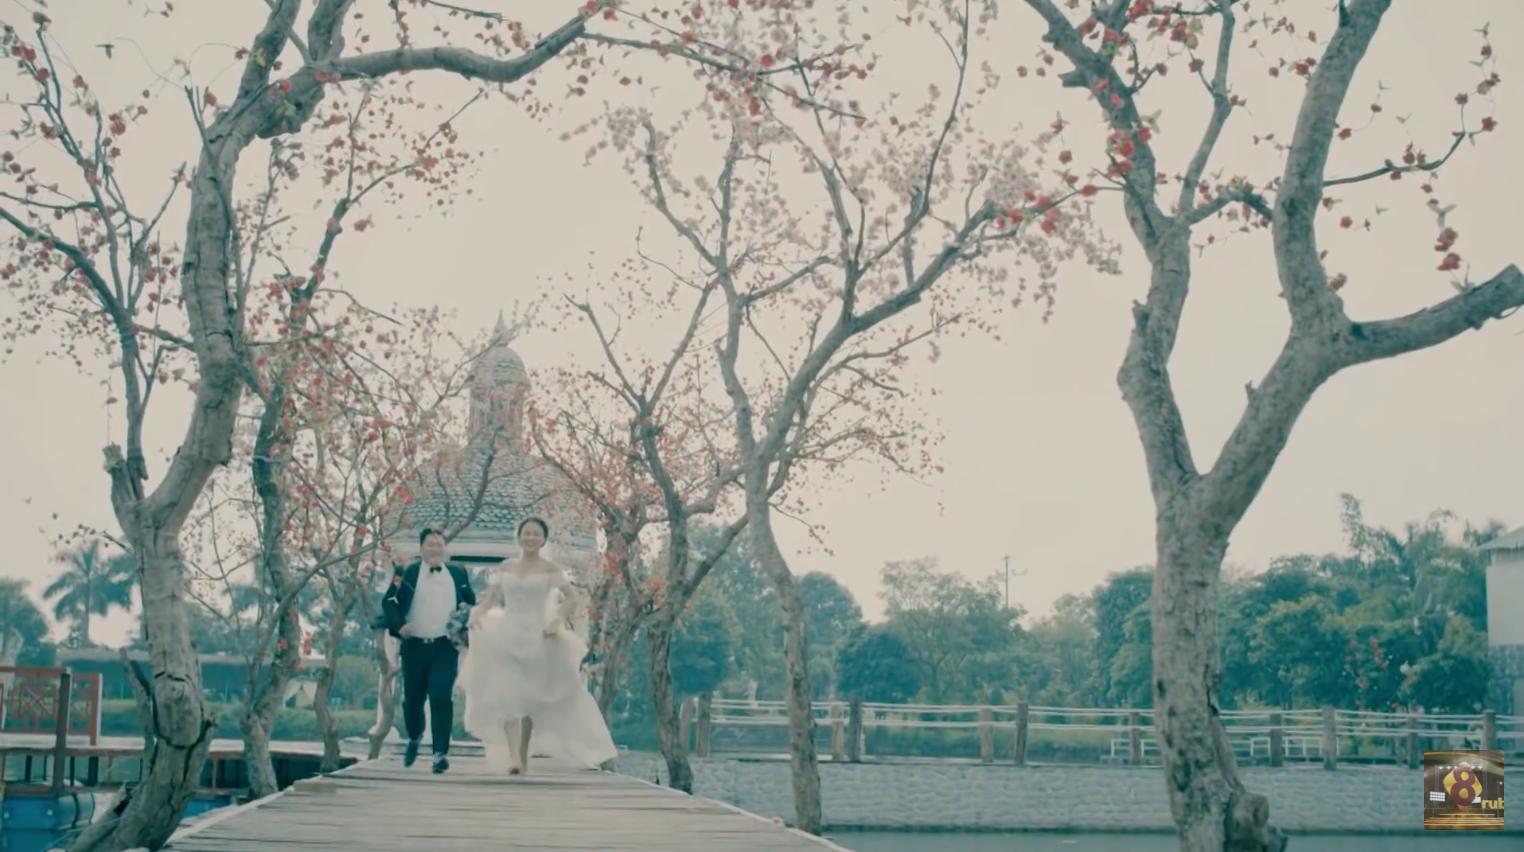 'Những cô gái trong thành phố' hé lộ cái kết hứa hẹn gây sốc: Có một đám cưới và một đám ma 10